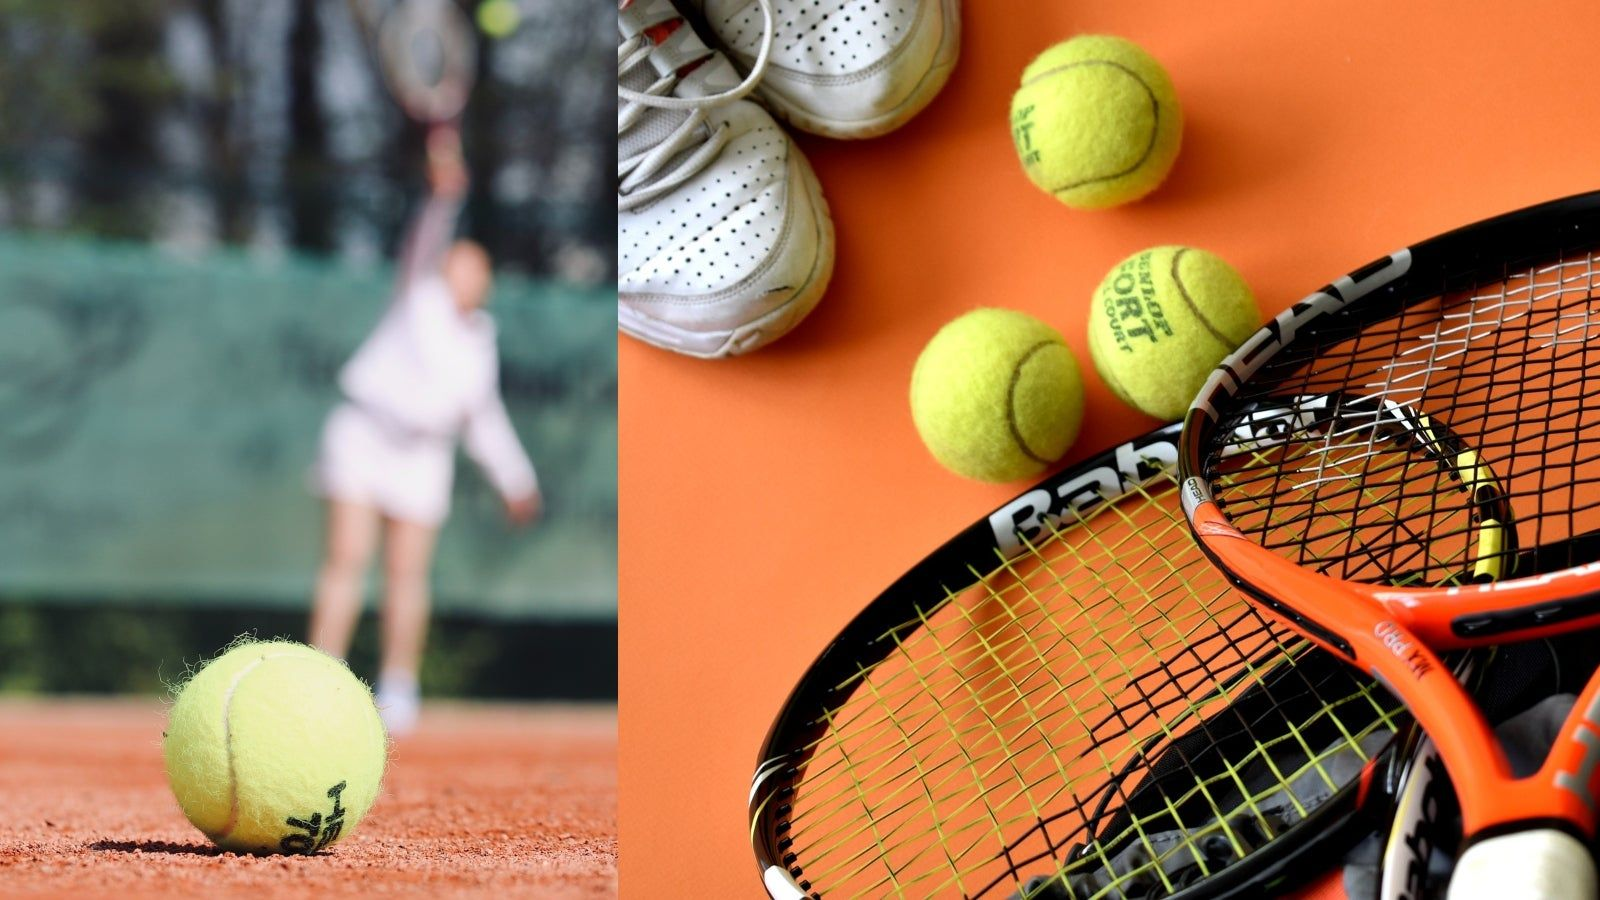 طبيب البوابة هذه هي أفضل رياضة لحياة أطول Tennis Racket Tennis Rackets